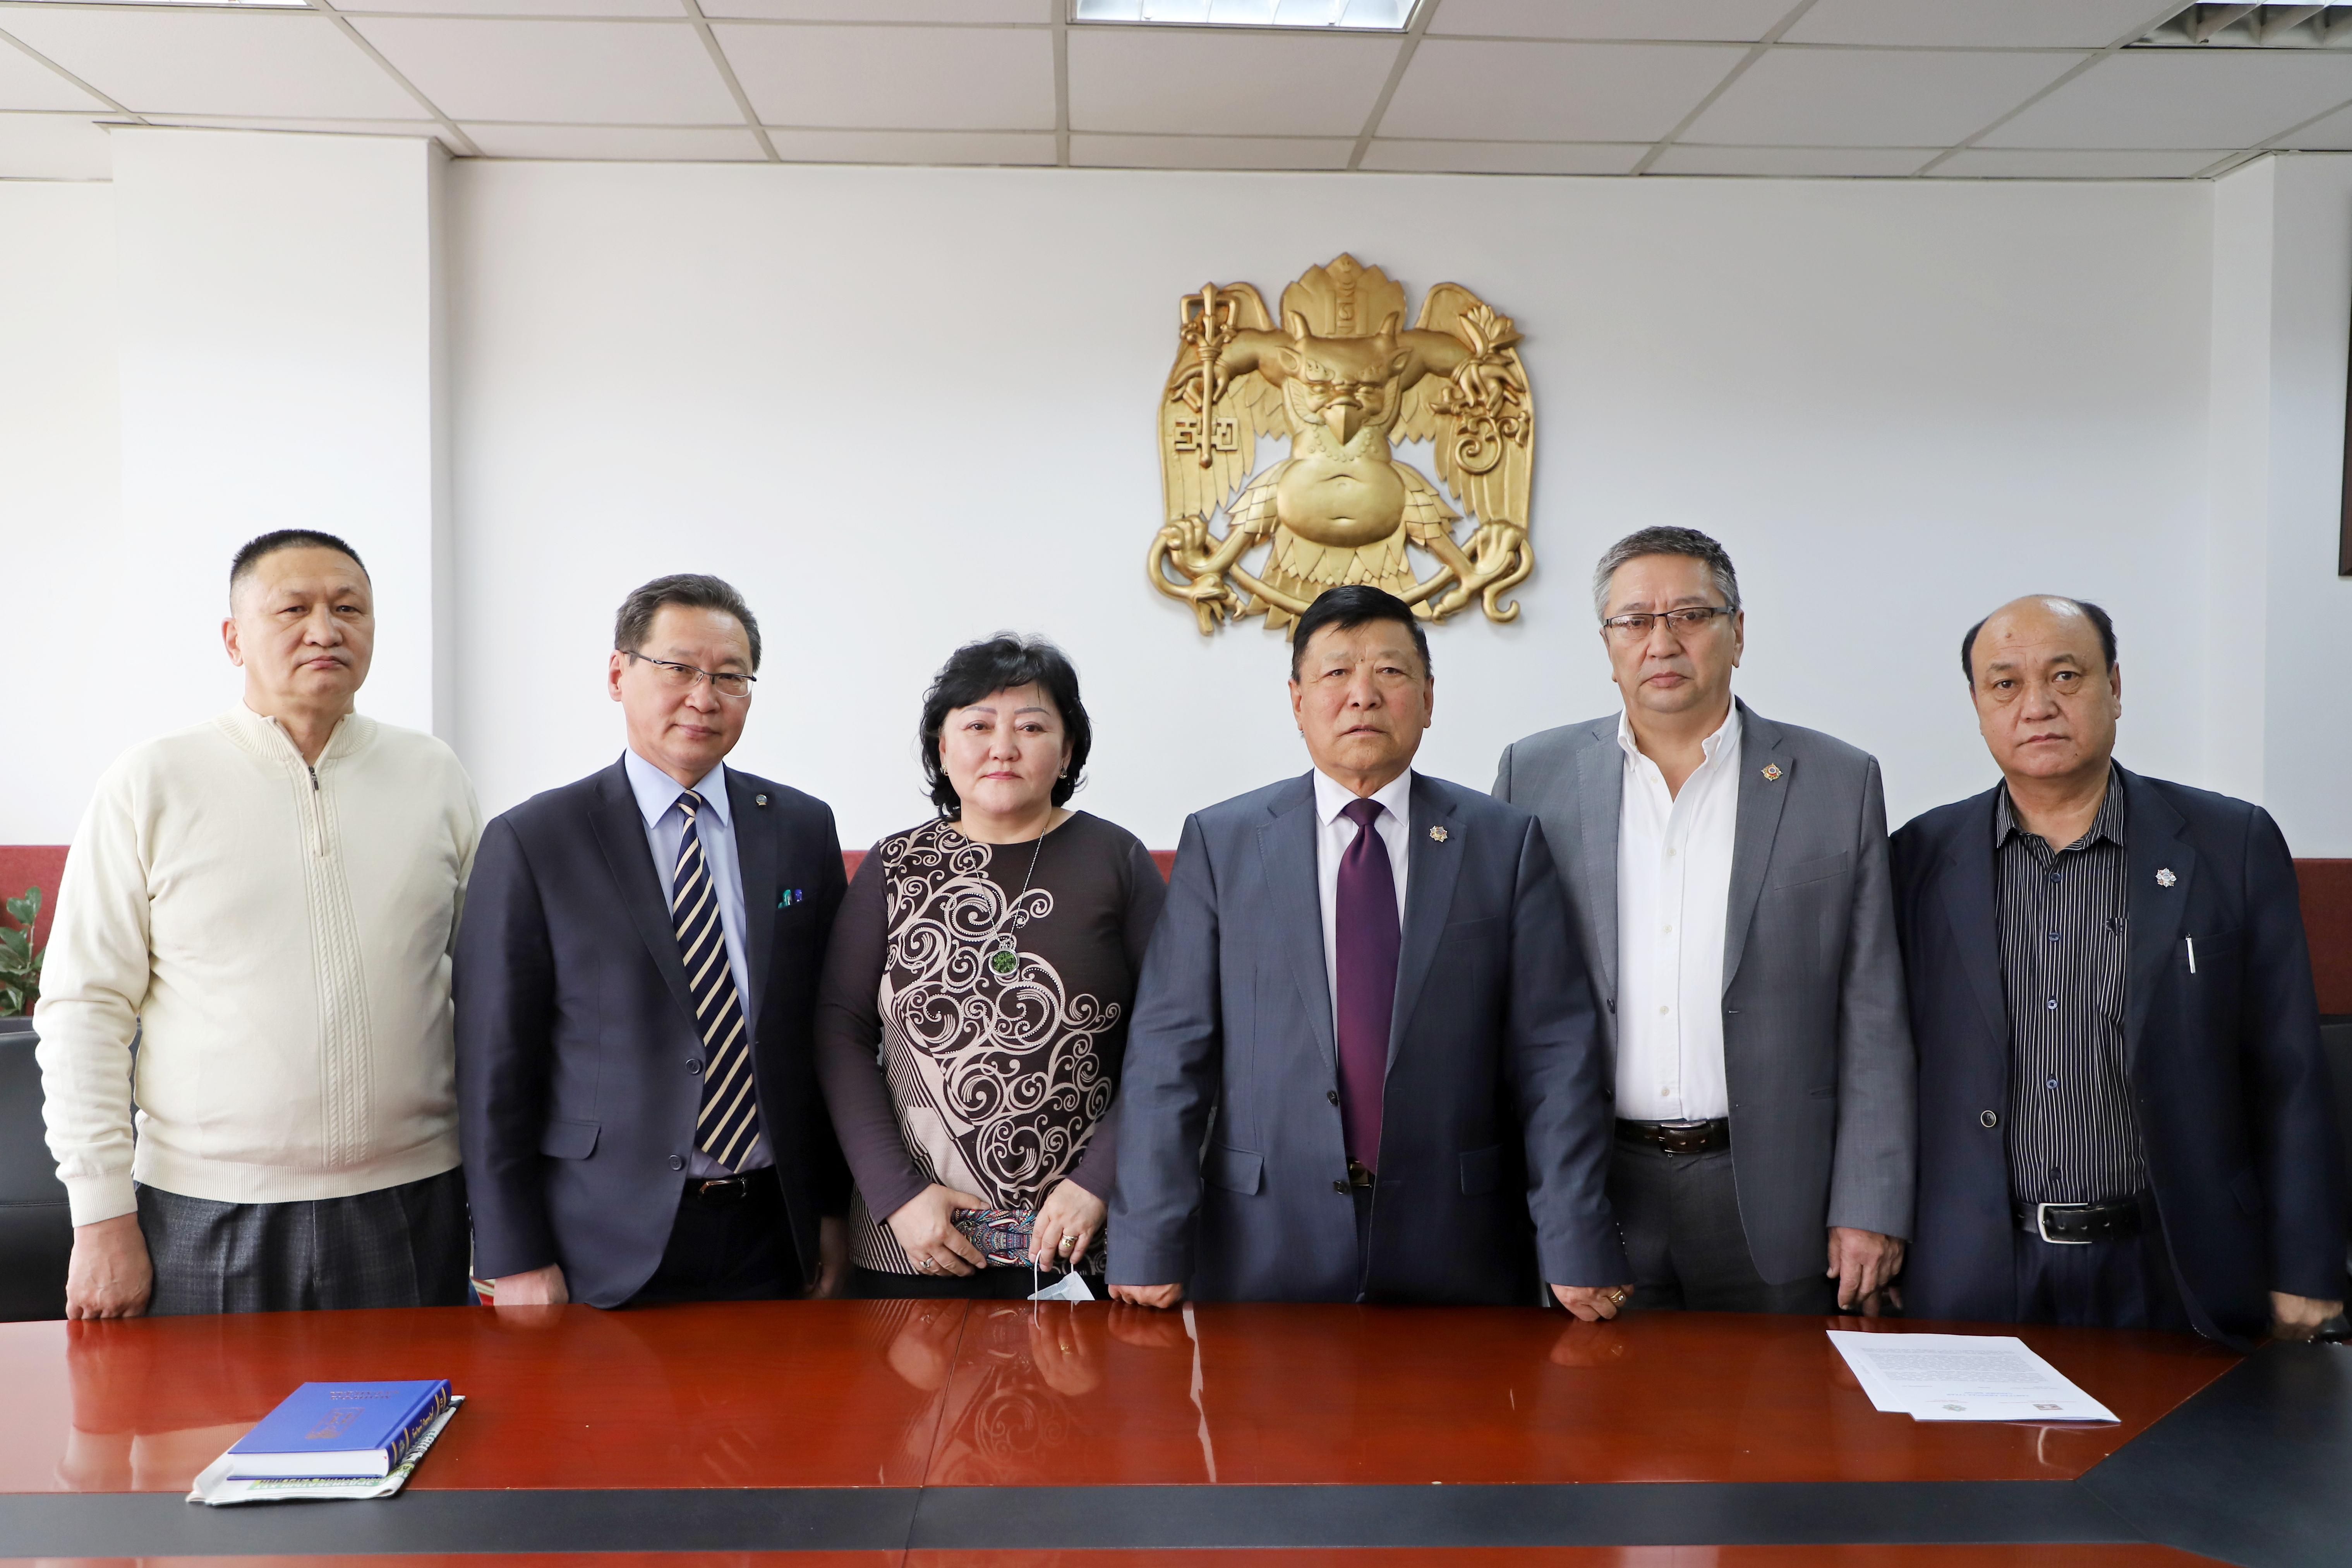 Улаанбаатар хотын Захирагчийн ажлын алба, Монгол Хурандаа Нийгэмлэг ТББ нар өнөөдөр хамтран ажиллах санамж бичиг байгууллаа